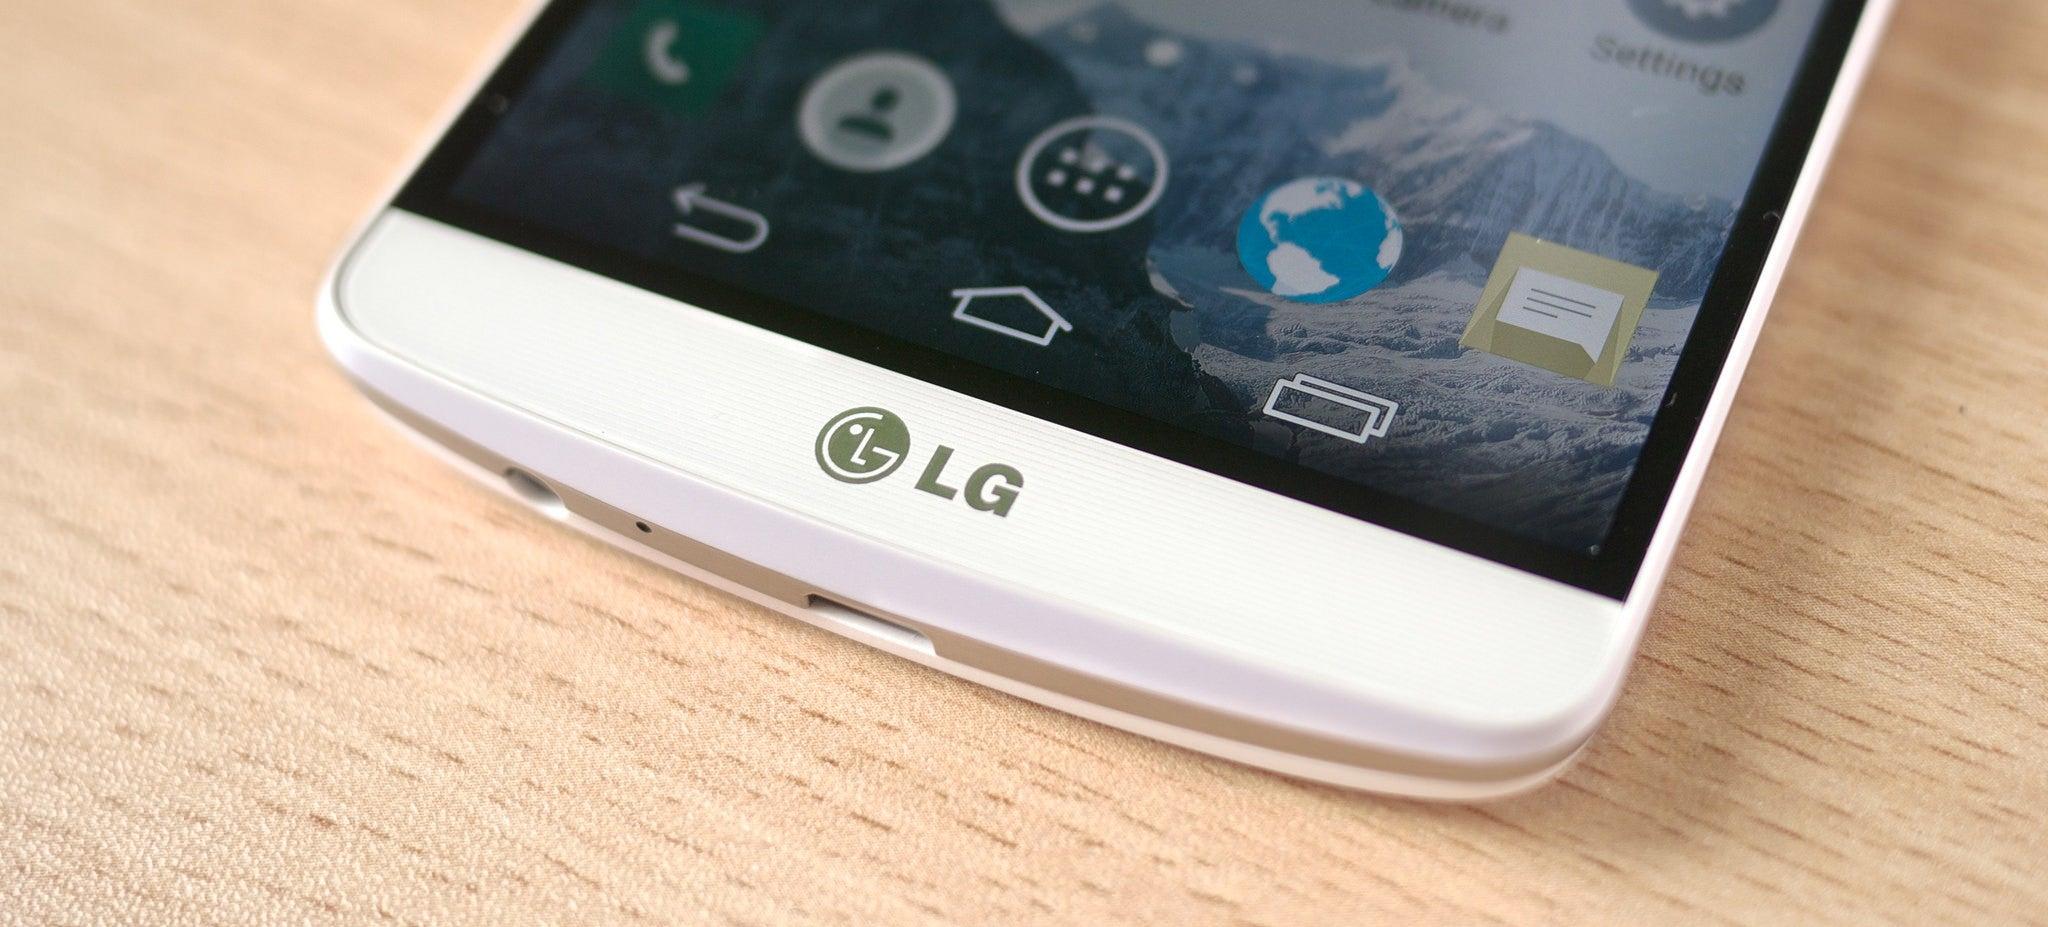 Two LG Factory Workers Die in Nitrogen Leak